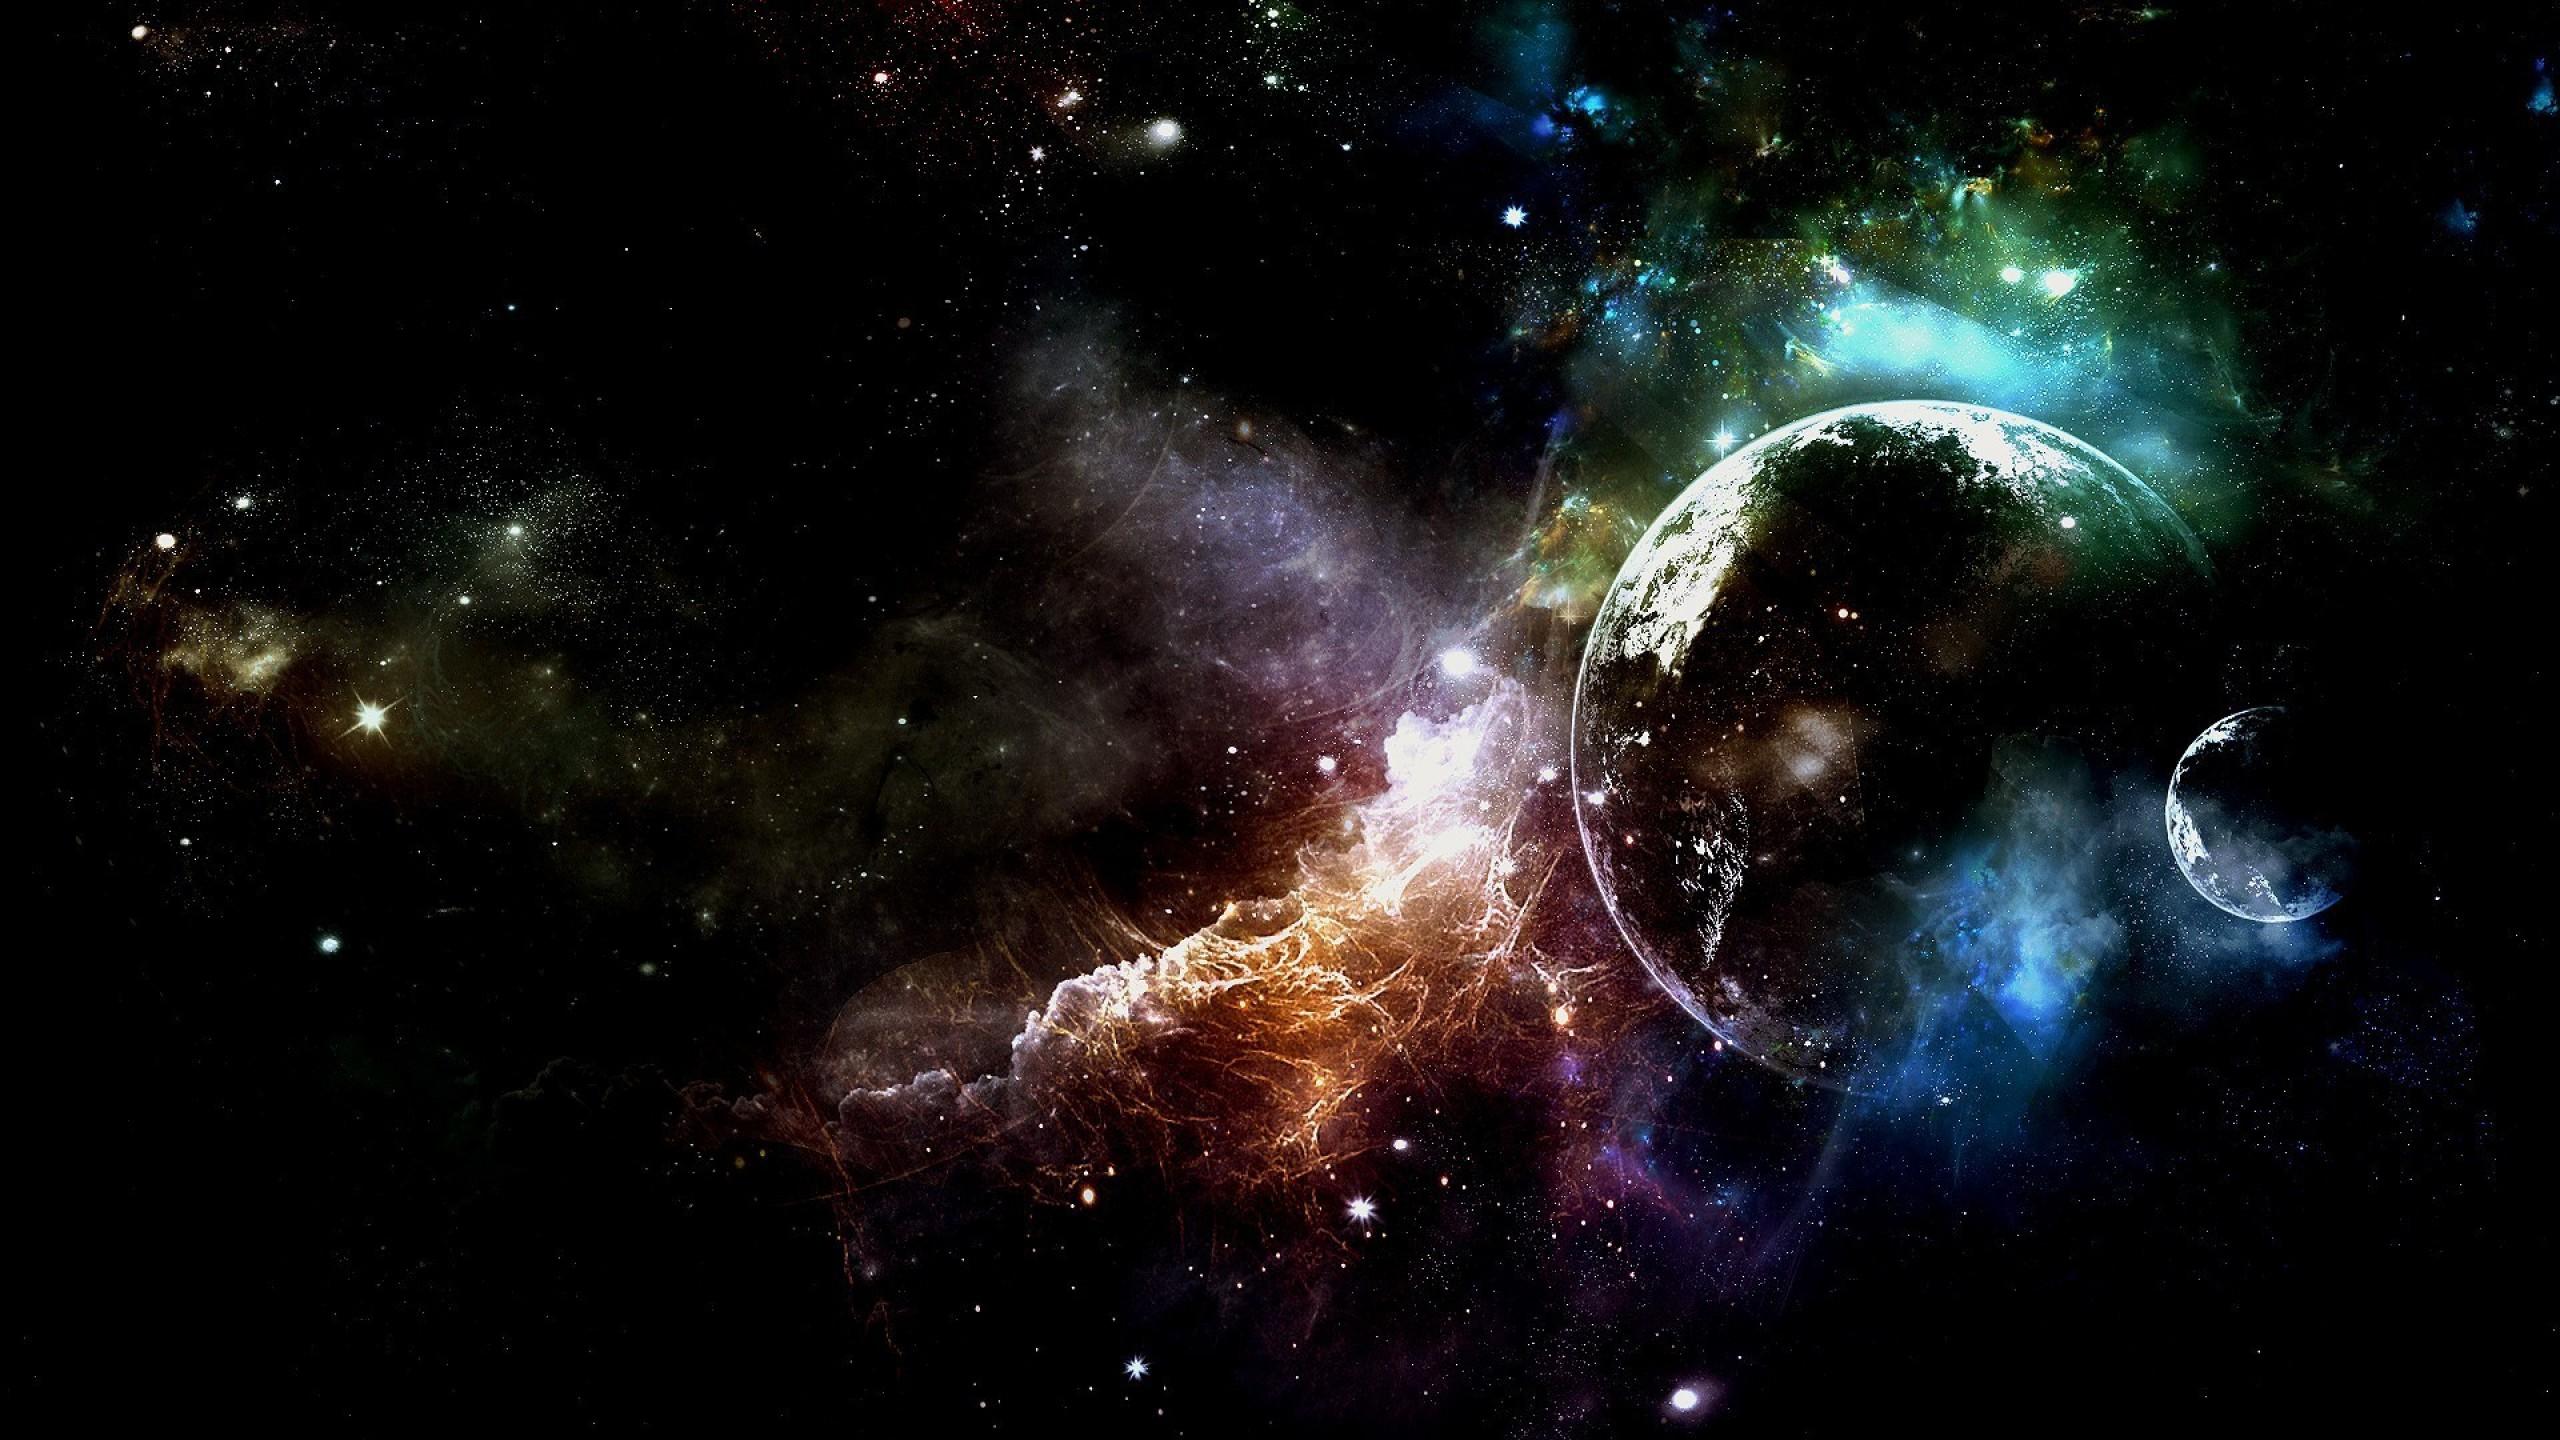 Обои Свечение за планетами картинки на рабочий стол на тему Космос - скачать  № 1772789 загрузить